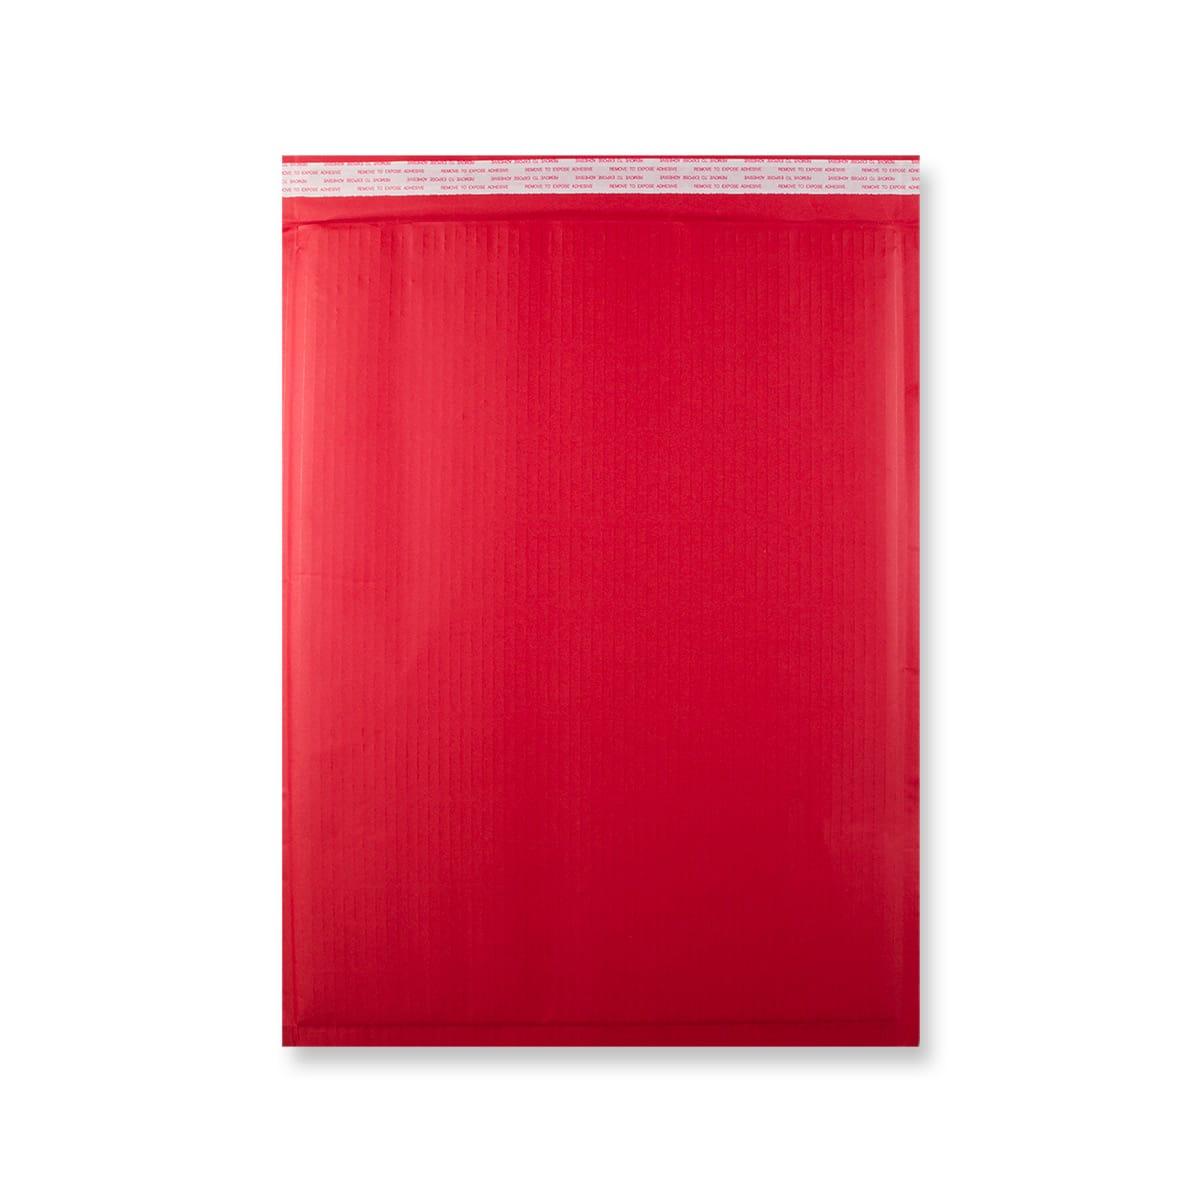 470 x 350mm RED PAPER PADDED ENVELOPES